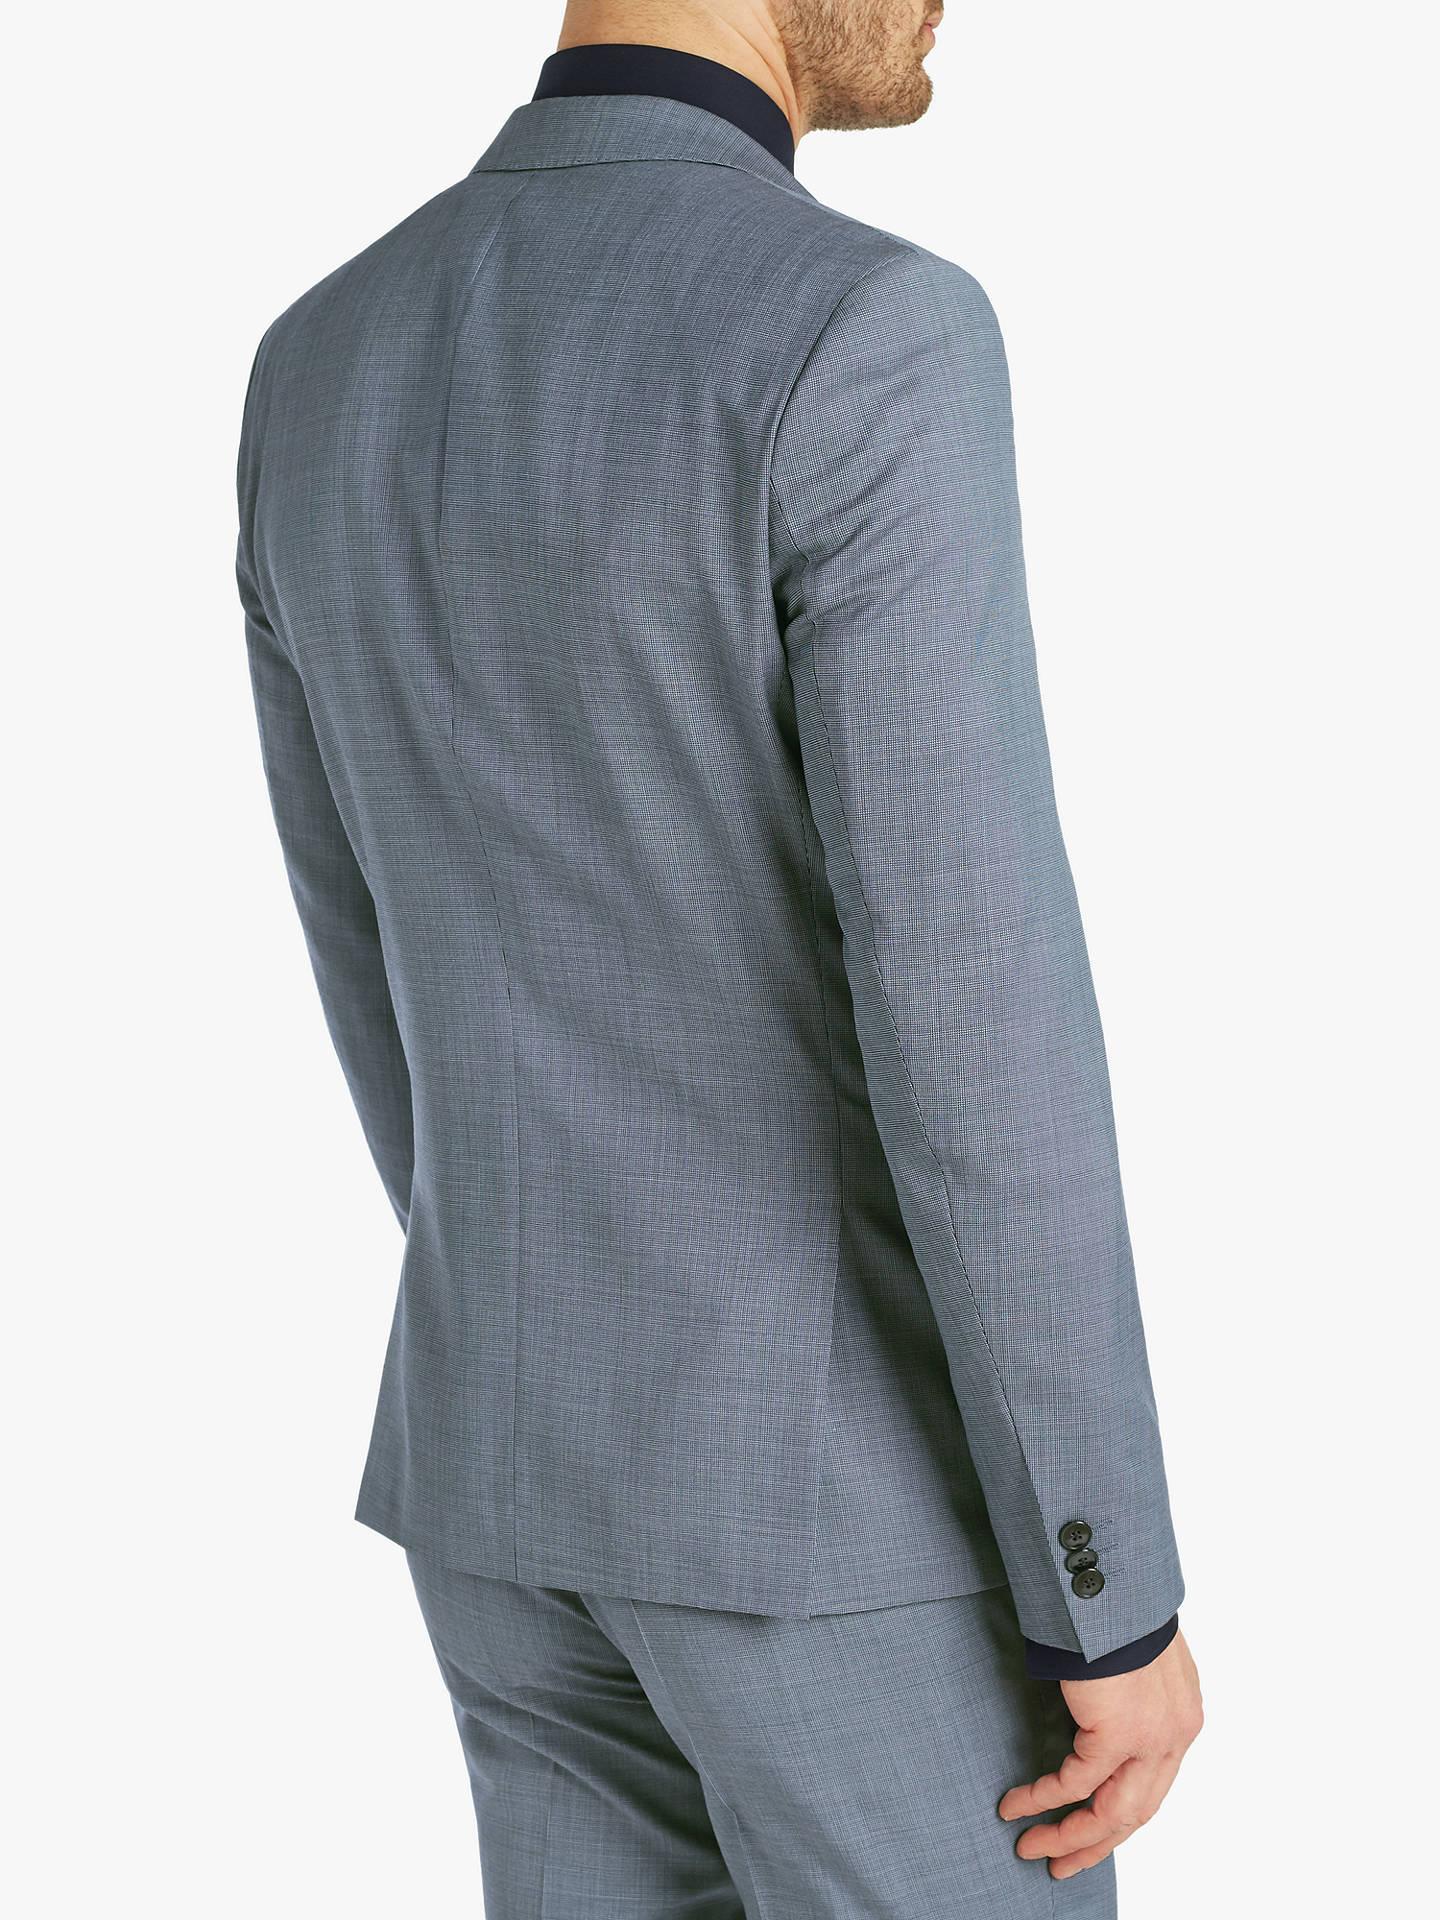 c11c2273ef0 ... Buy HUGO by Hugo Boss Arti 182 Pin Dot Wool Super Slim Suit Jacket